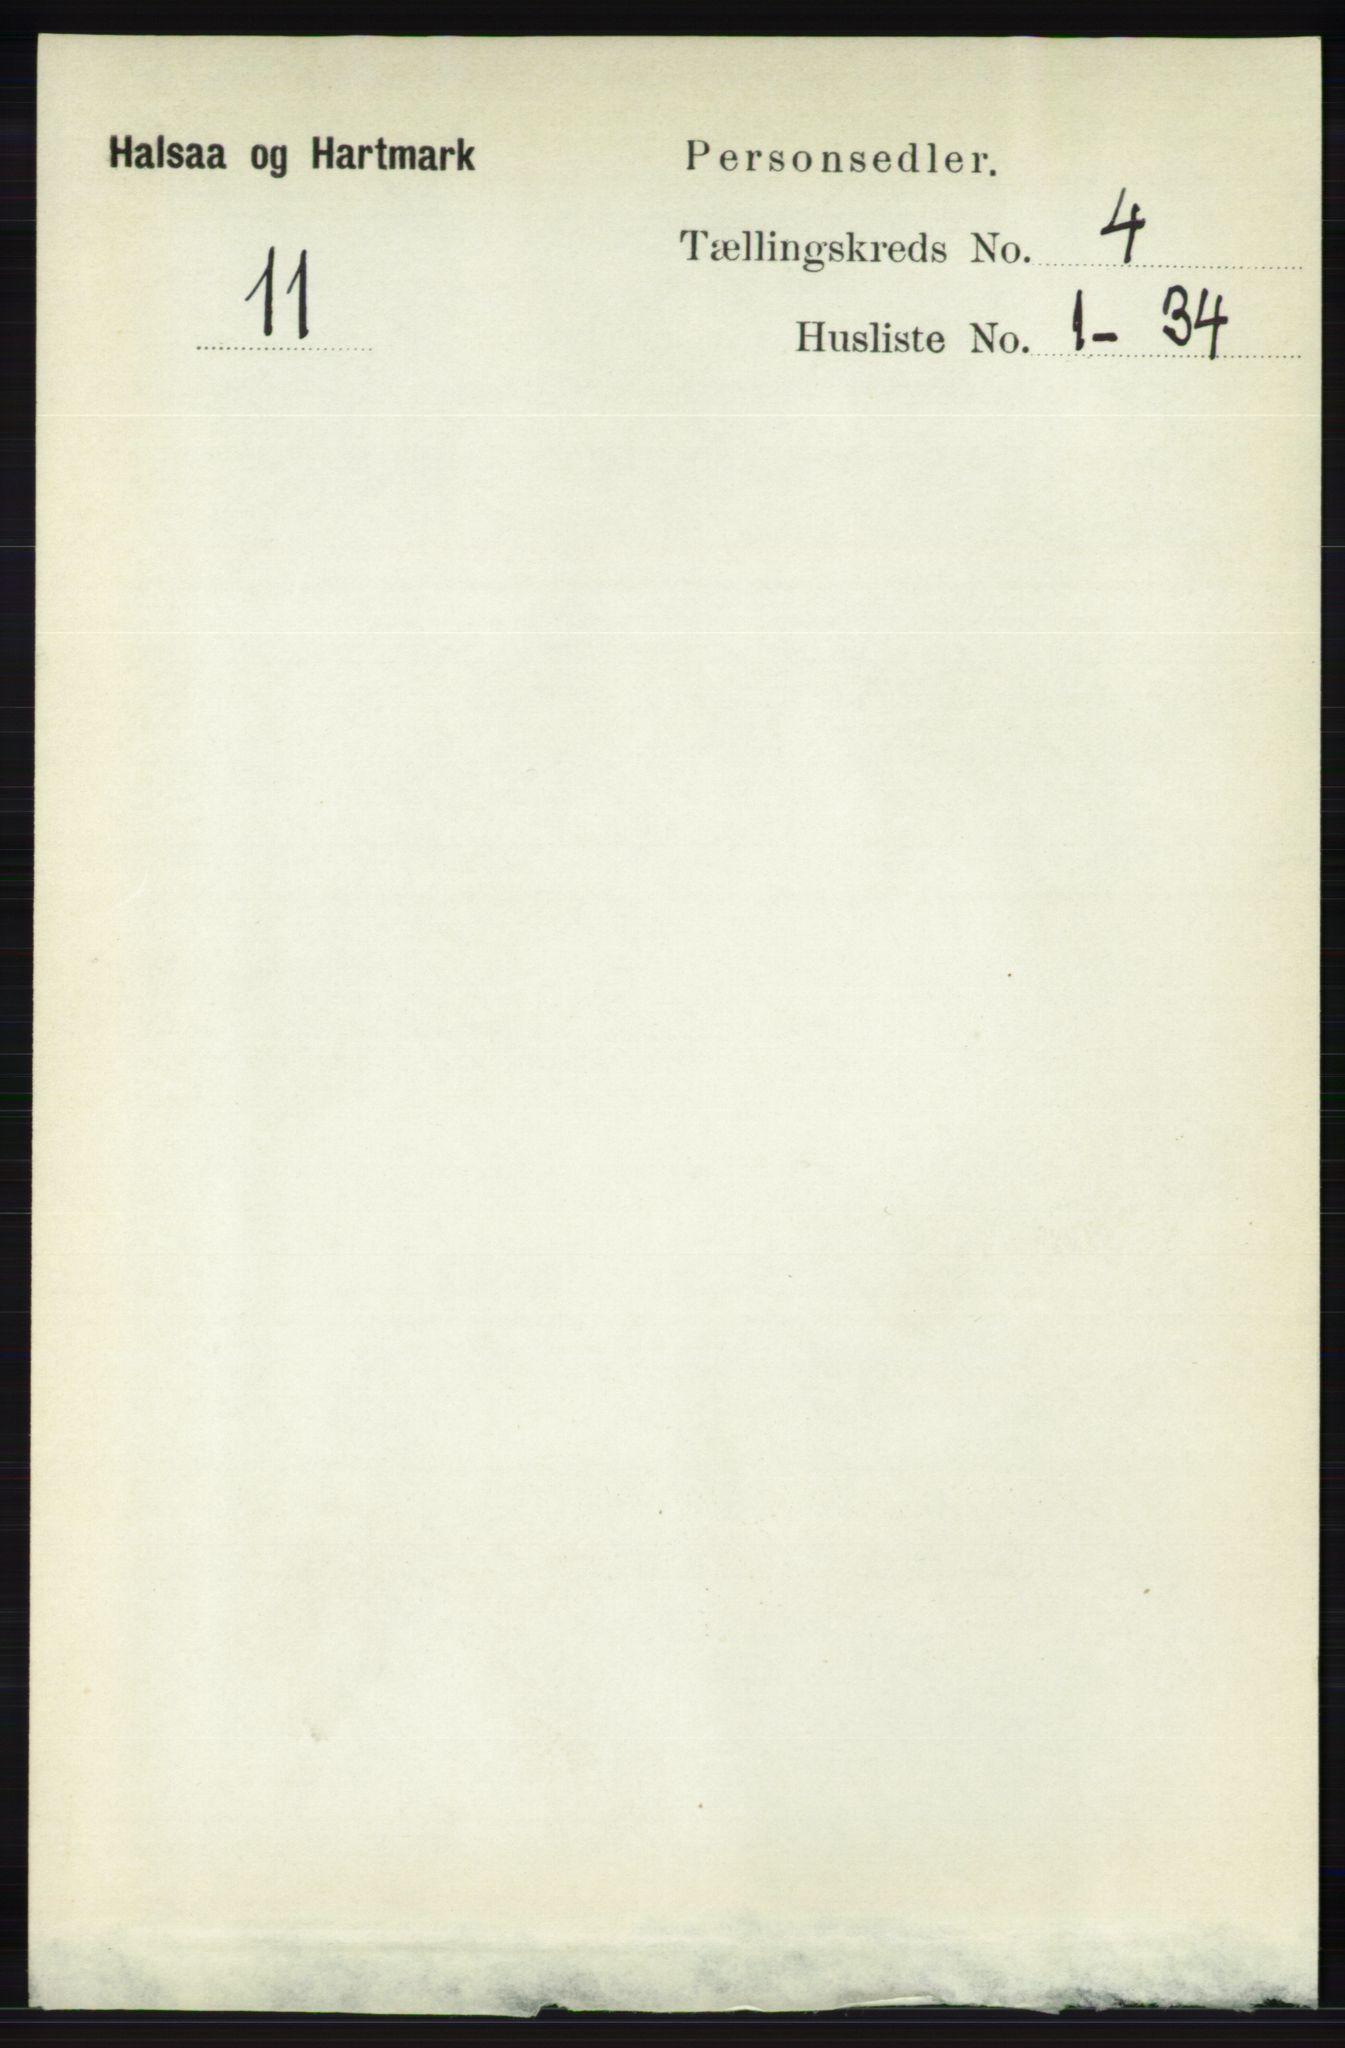 RA, Folketelling 1891 for 1019 Halse og Harkmark herred, 1891, s. 1491